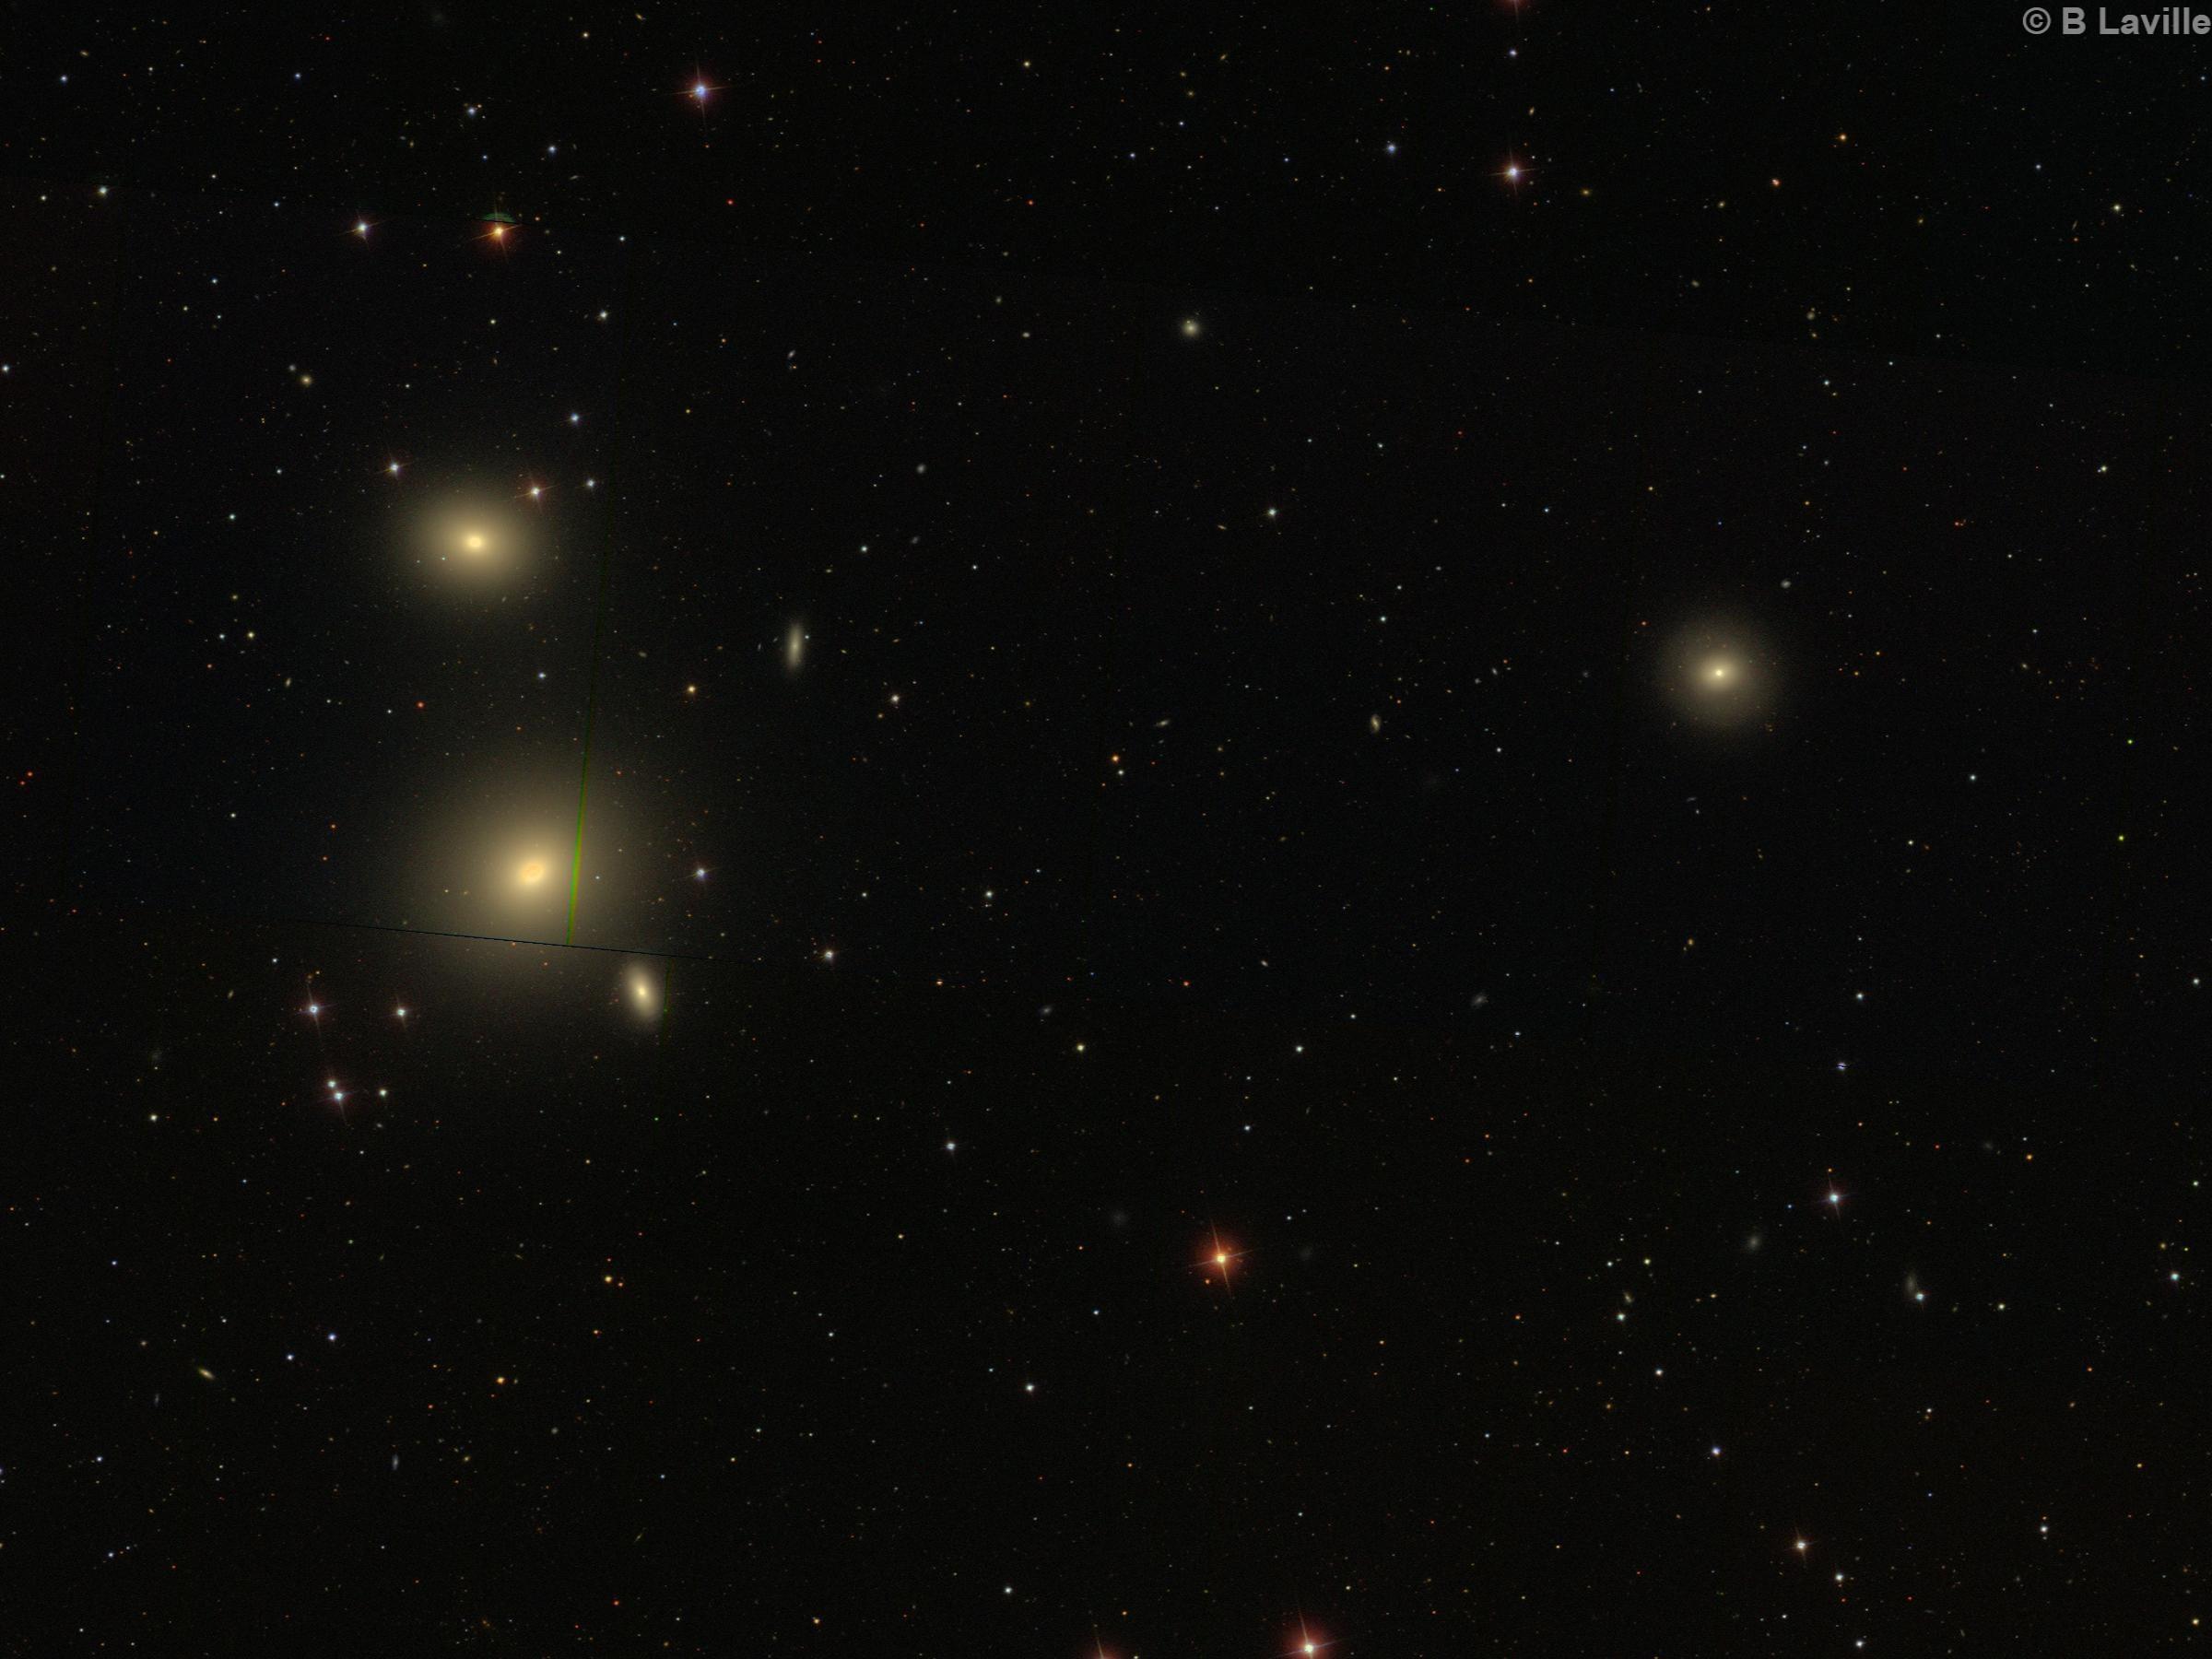 NGC 3607 group